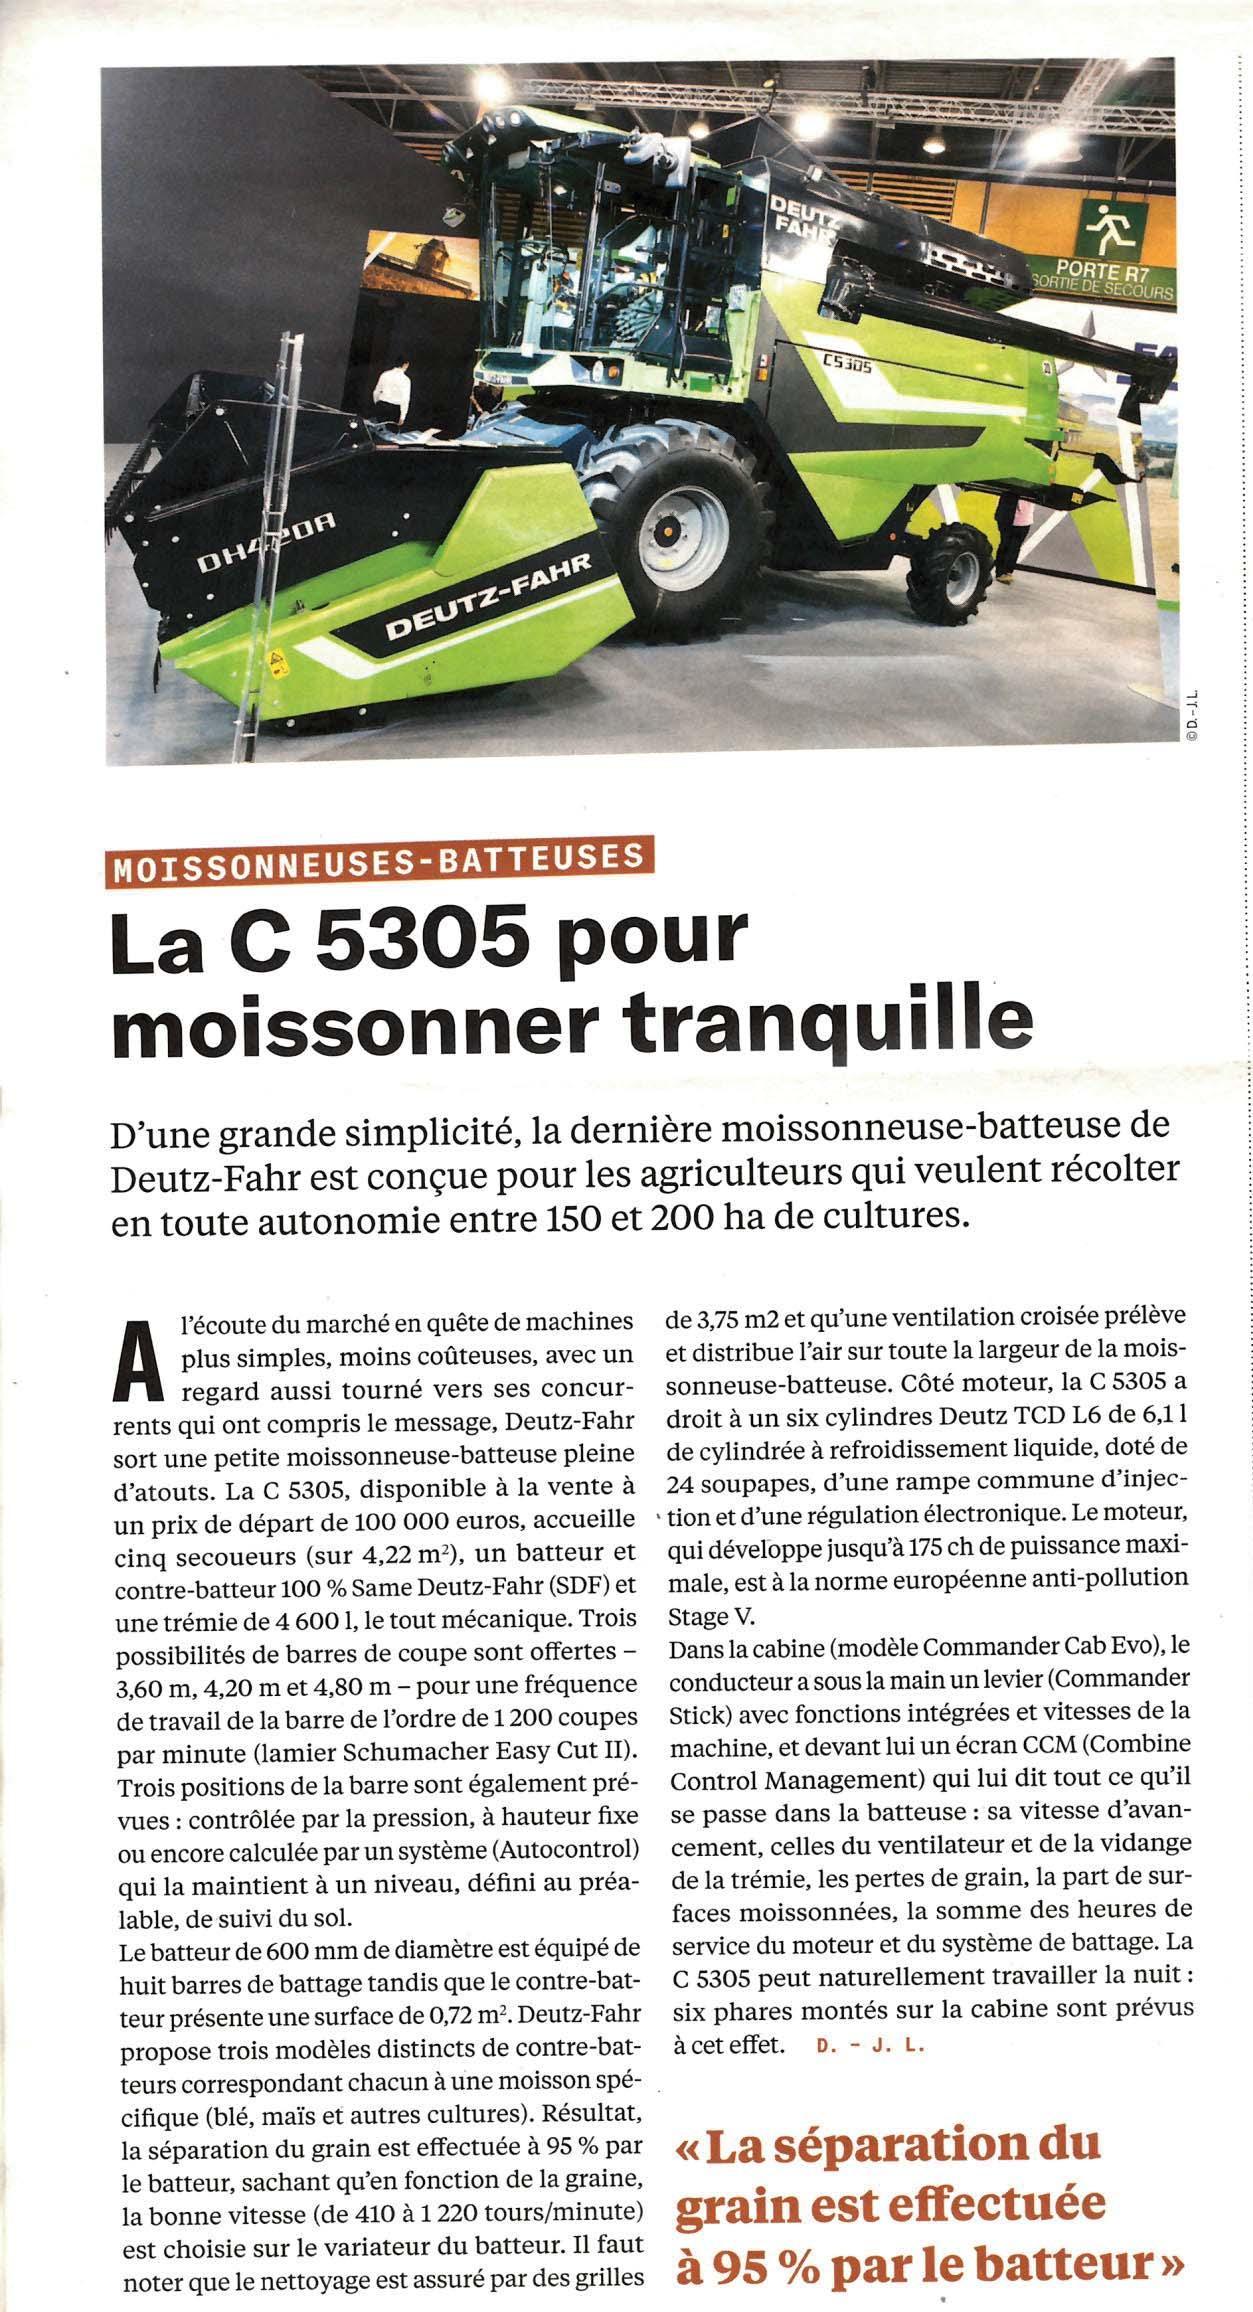 Page 46 of La C5305 pour moissonner tranquille